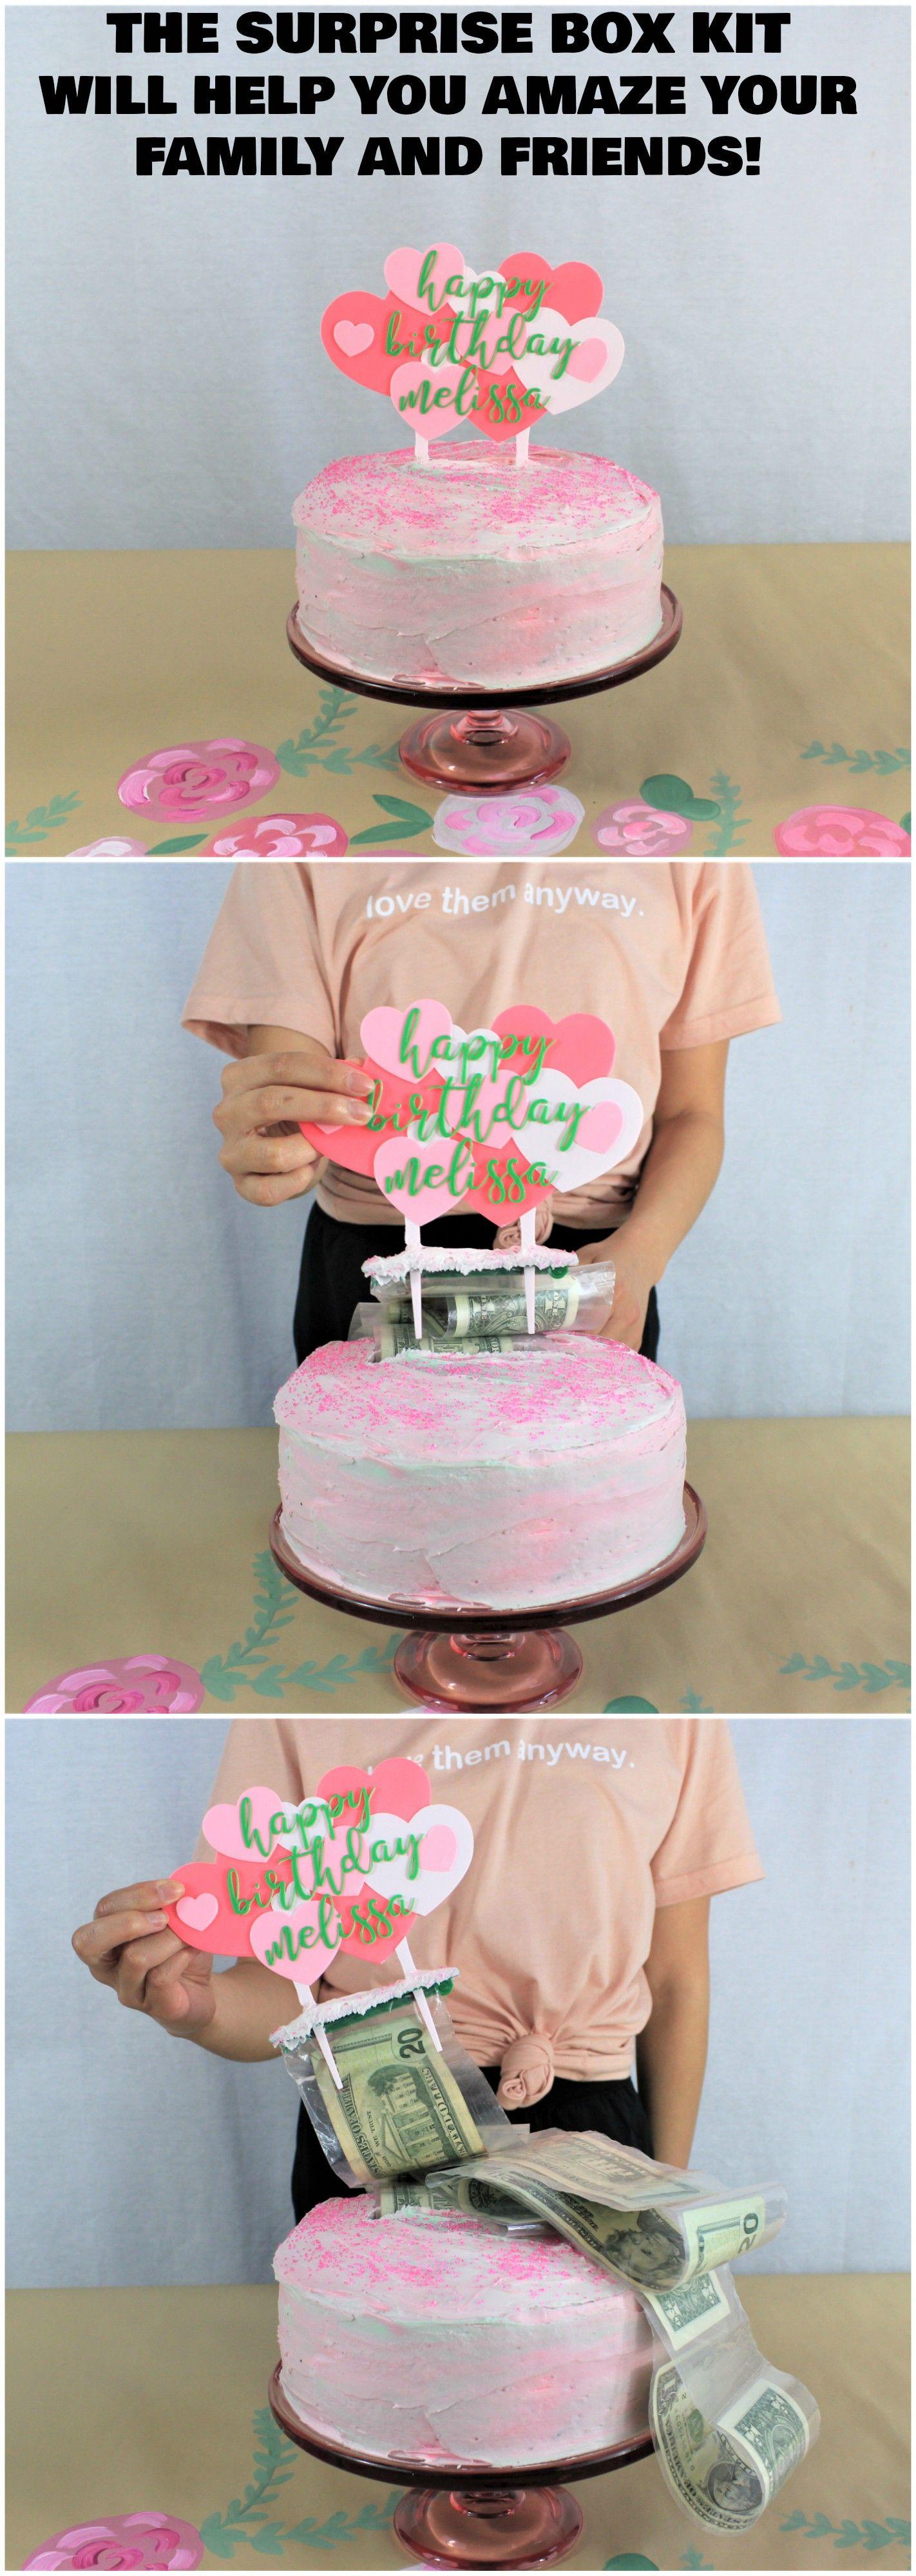 Money cake kit money dispenser for cake birthday surprise